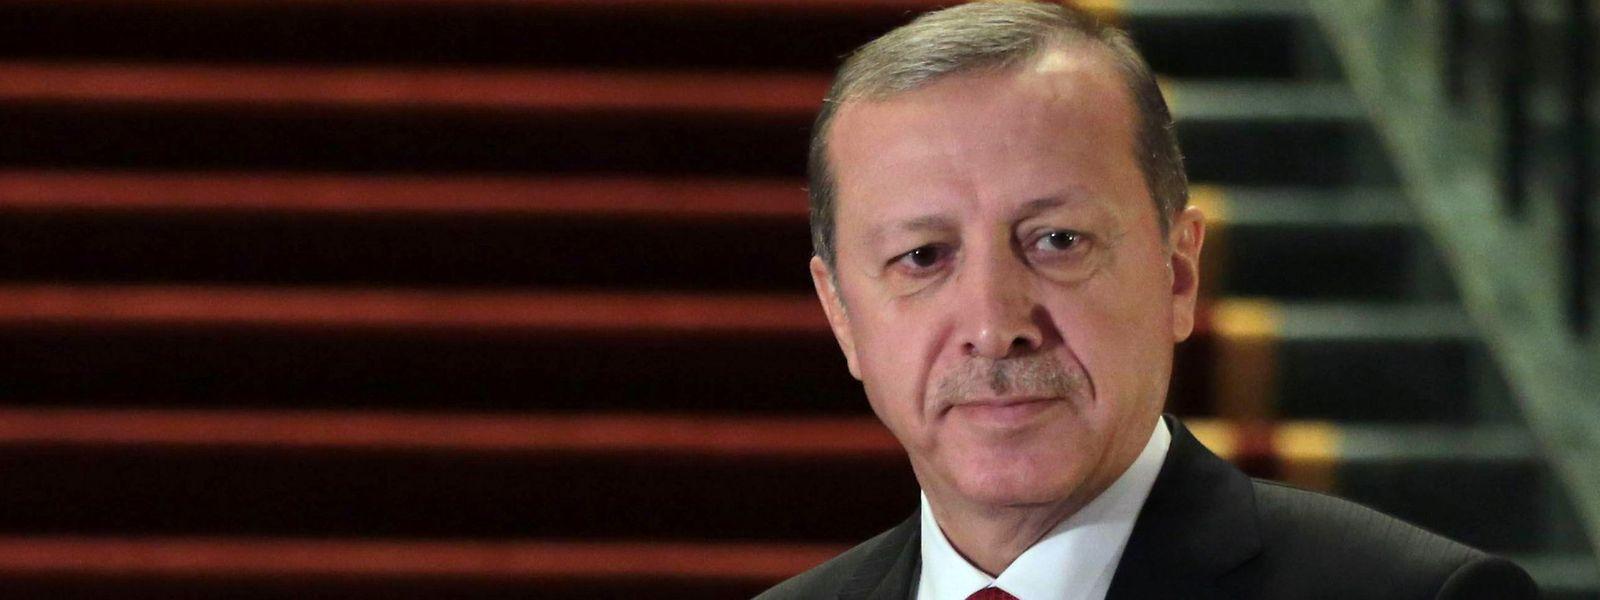 Nach der Interpretation türkischer Medien vom Freitag, nannte Erdogan Hitler-Deutschland als Beispiel für ein gutes Präsidialsystem.